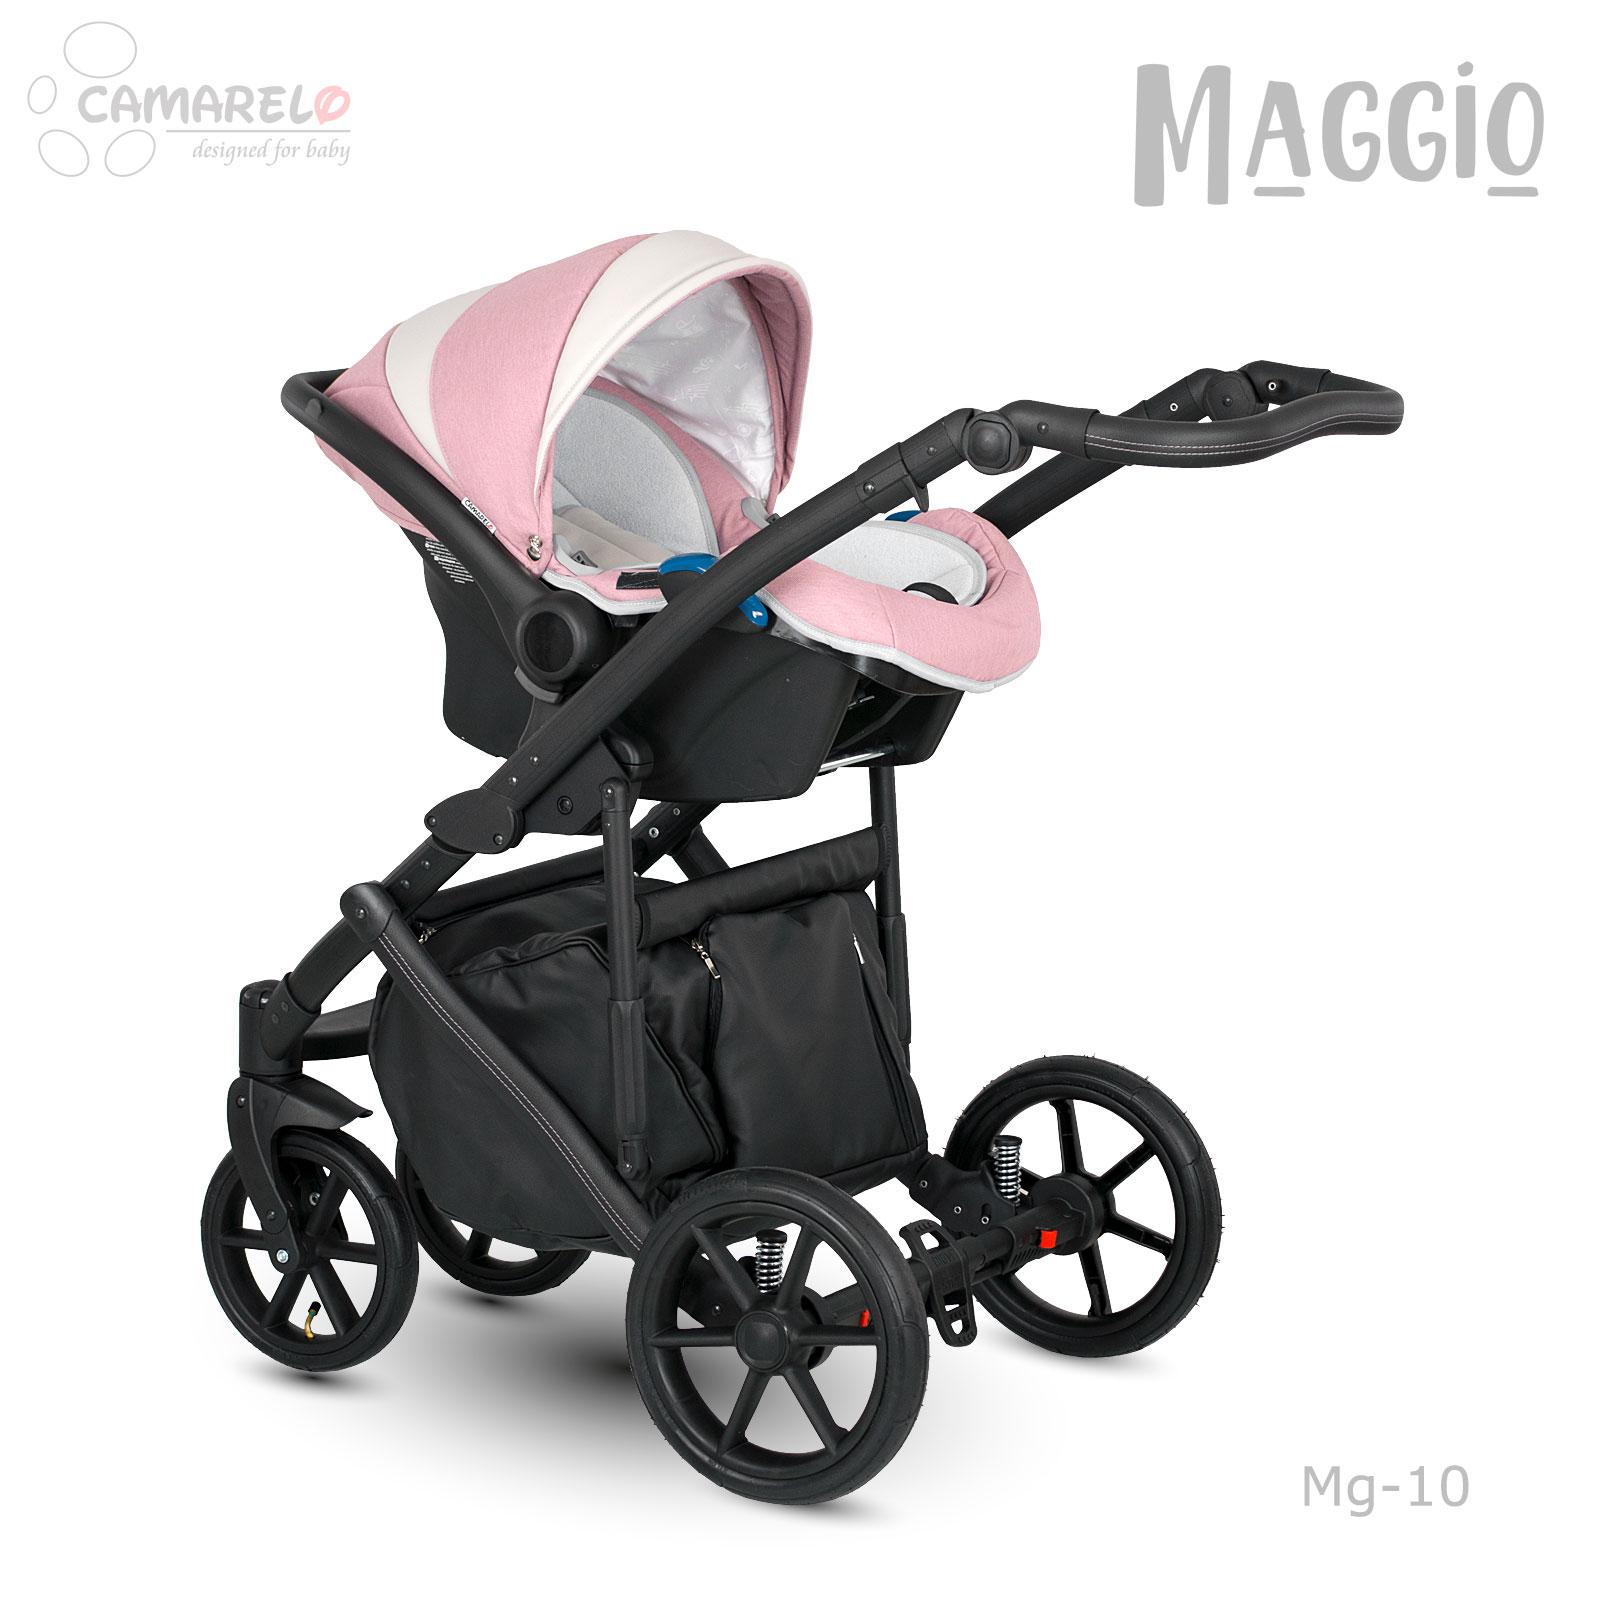 Maggio-Mg-10e